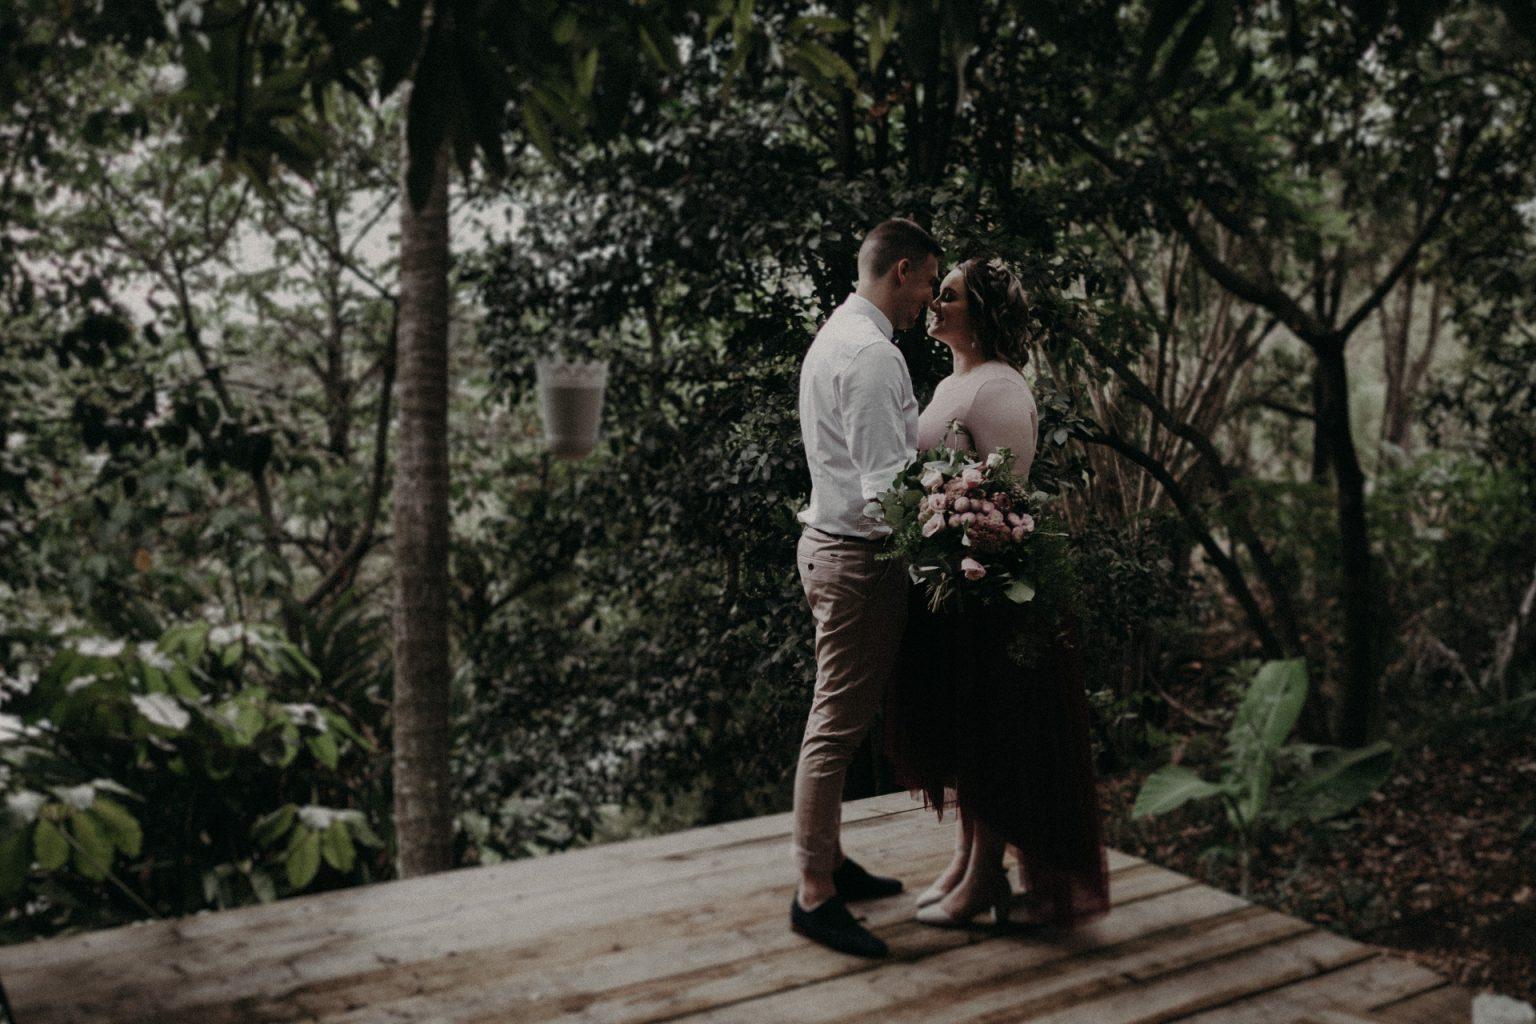 bride and groom in garden bouquet pink dress